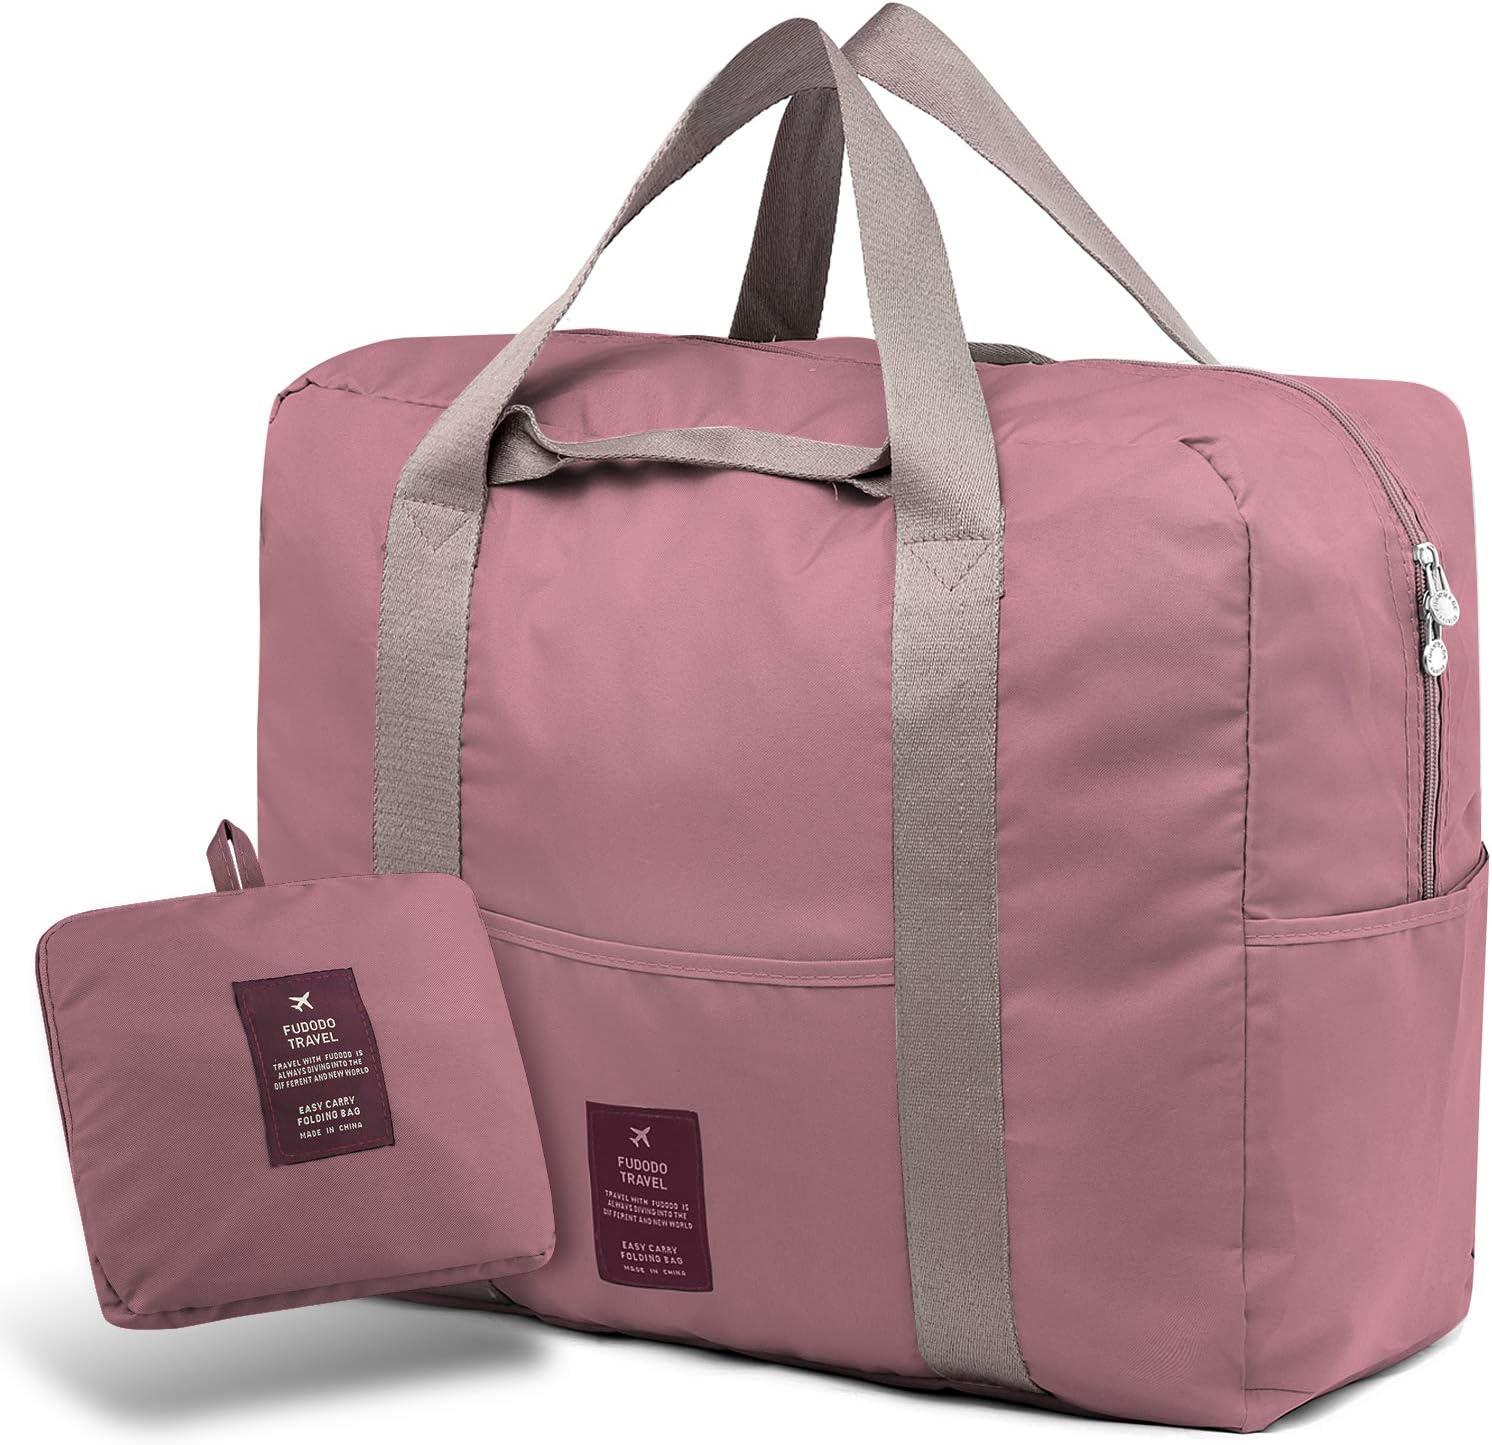 SPAHER Bolsa de Equipaje Bolsas de Viaje Plegable Duffle Bag Ligero Impermeable Organizador de Hombro de Almacenamiento de Transporte de Bolsas para IR de Compras Gimnasio Deportes Camping 40L Rojo